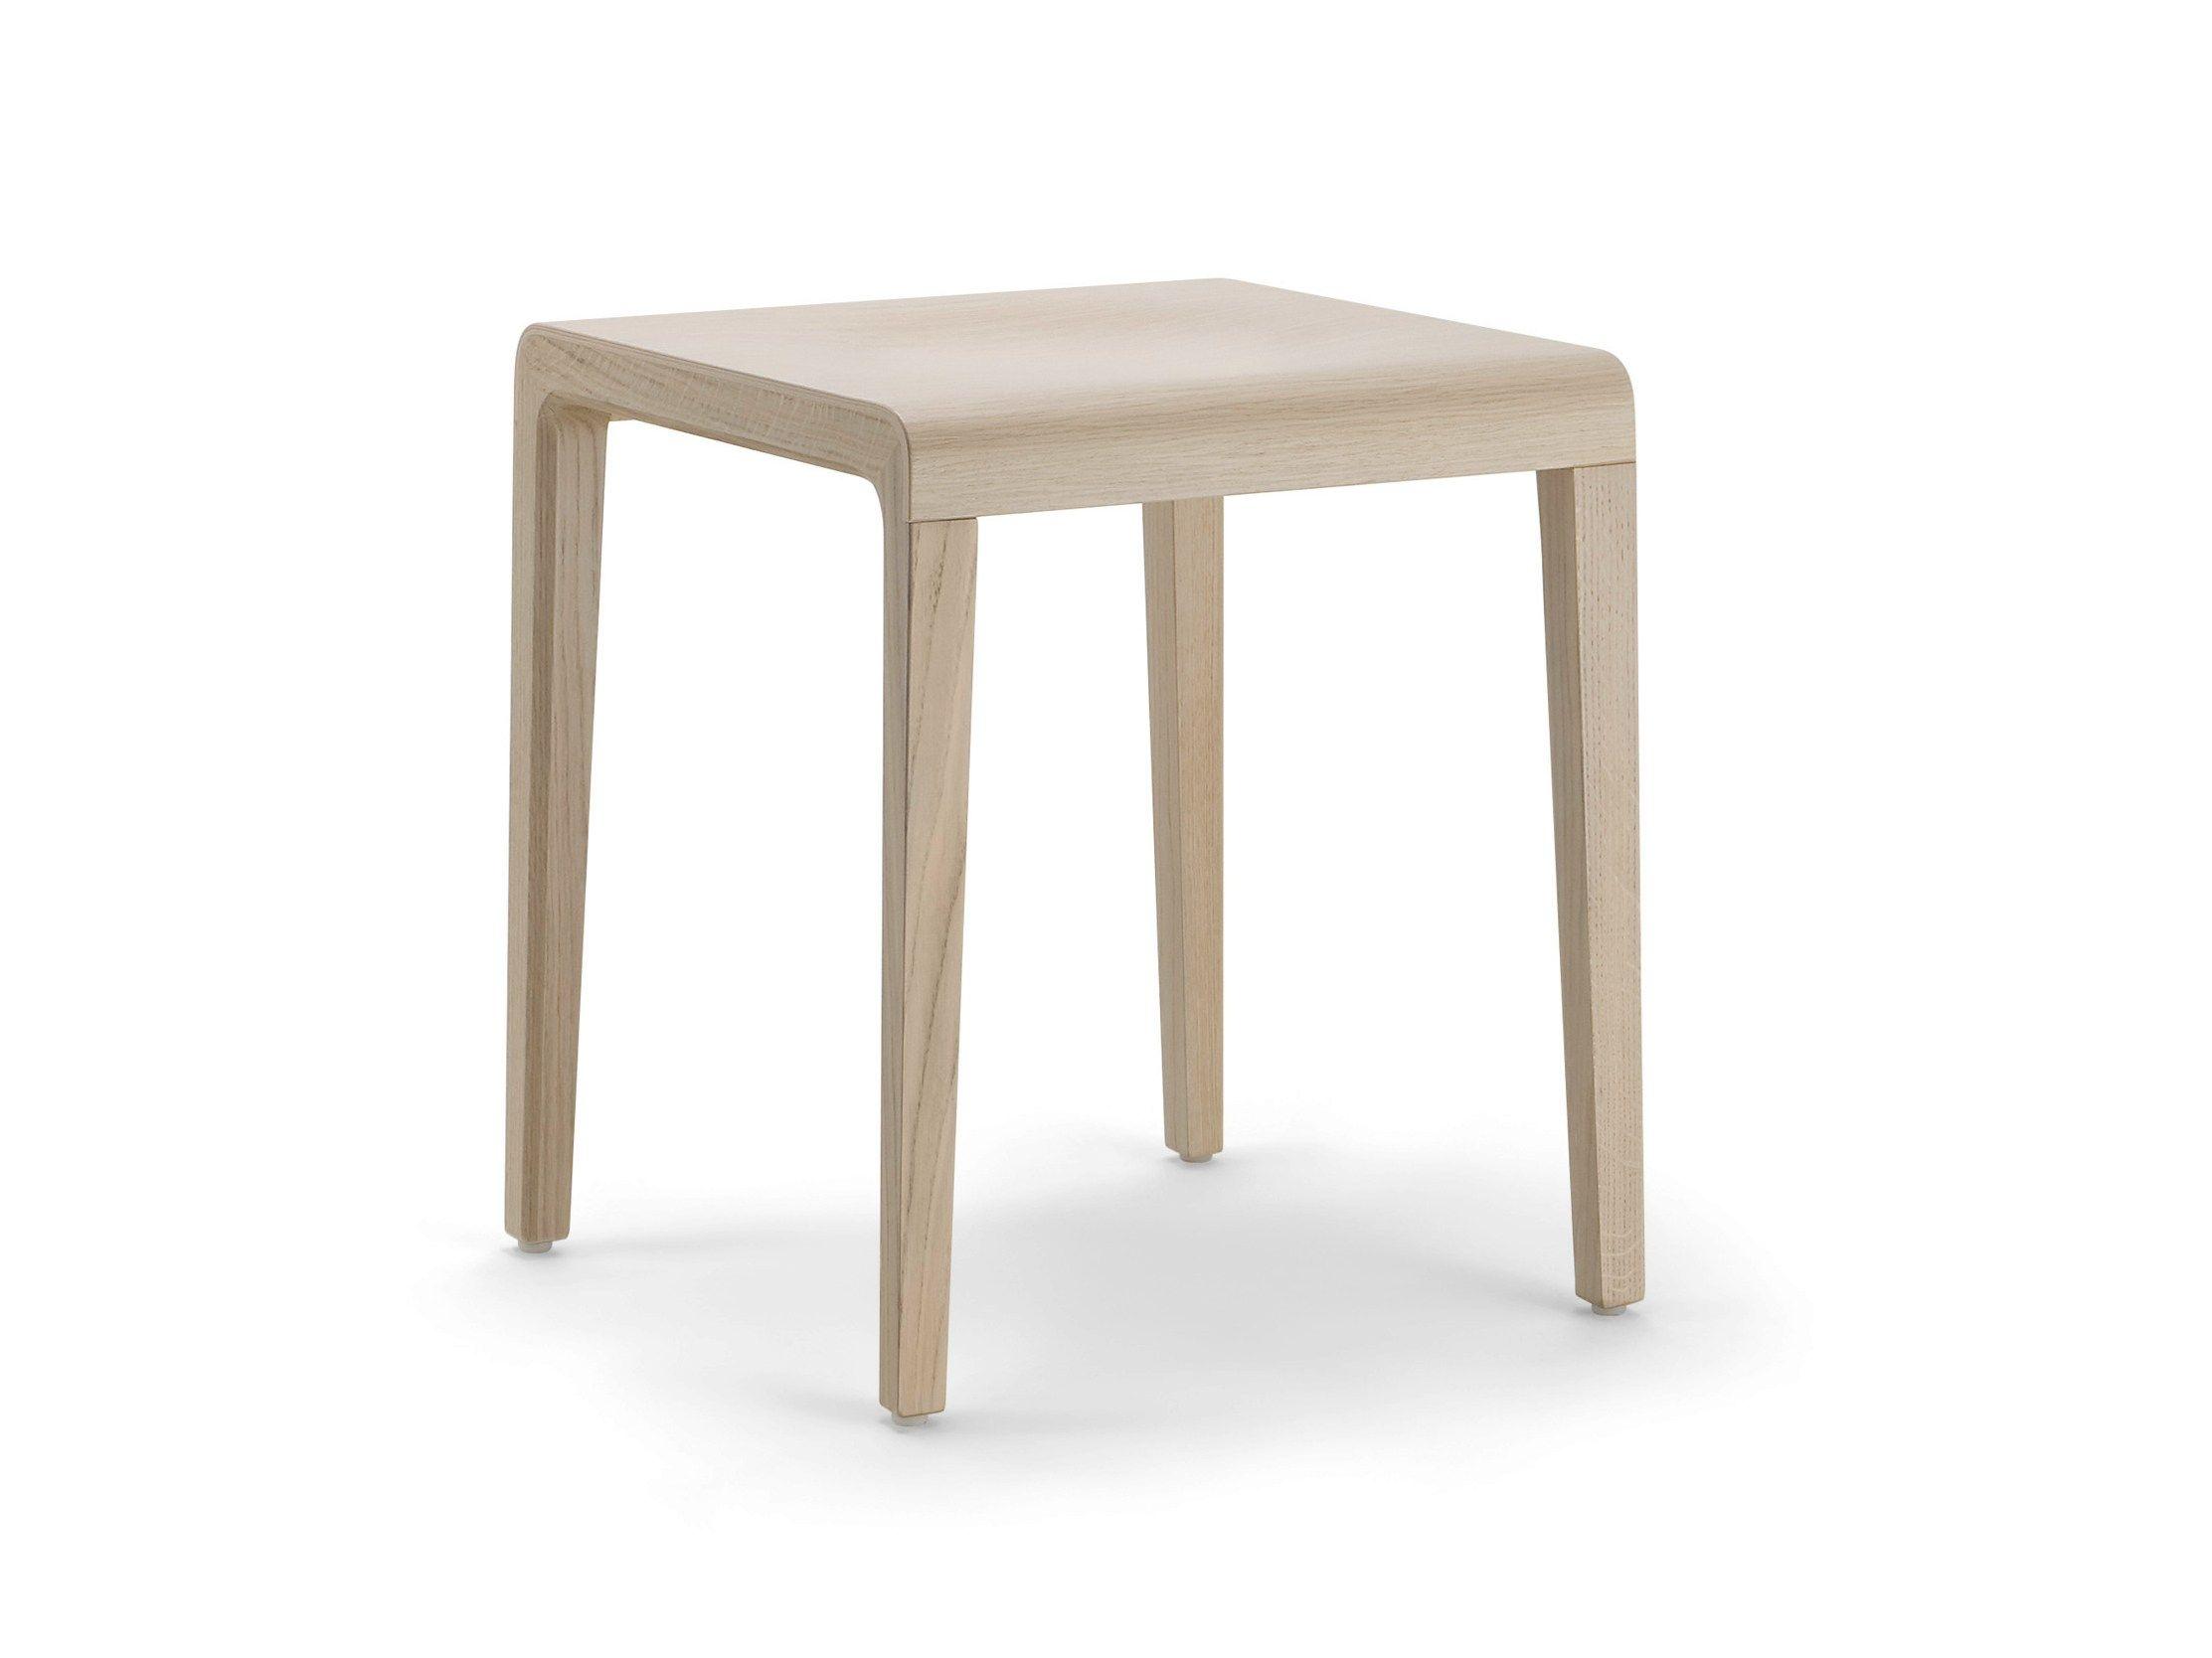 Sgabello tavolino in legno surf collezione premium by for Tavolino sgabello